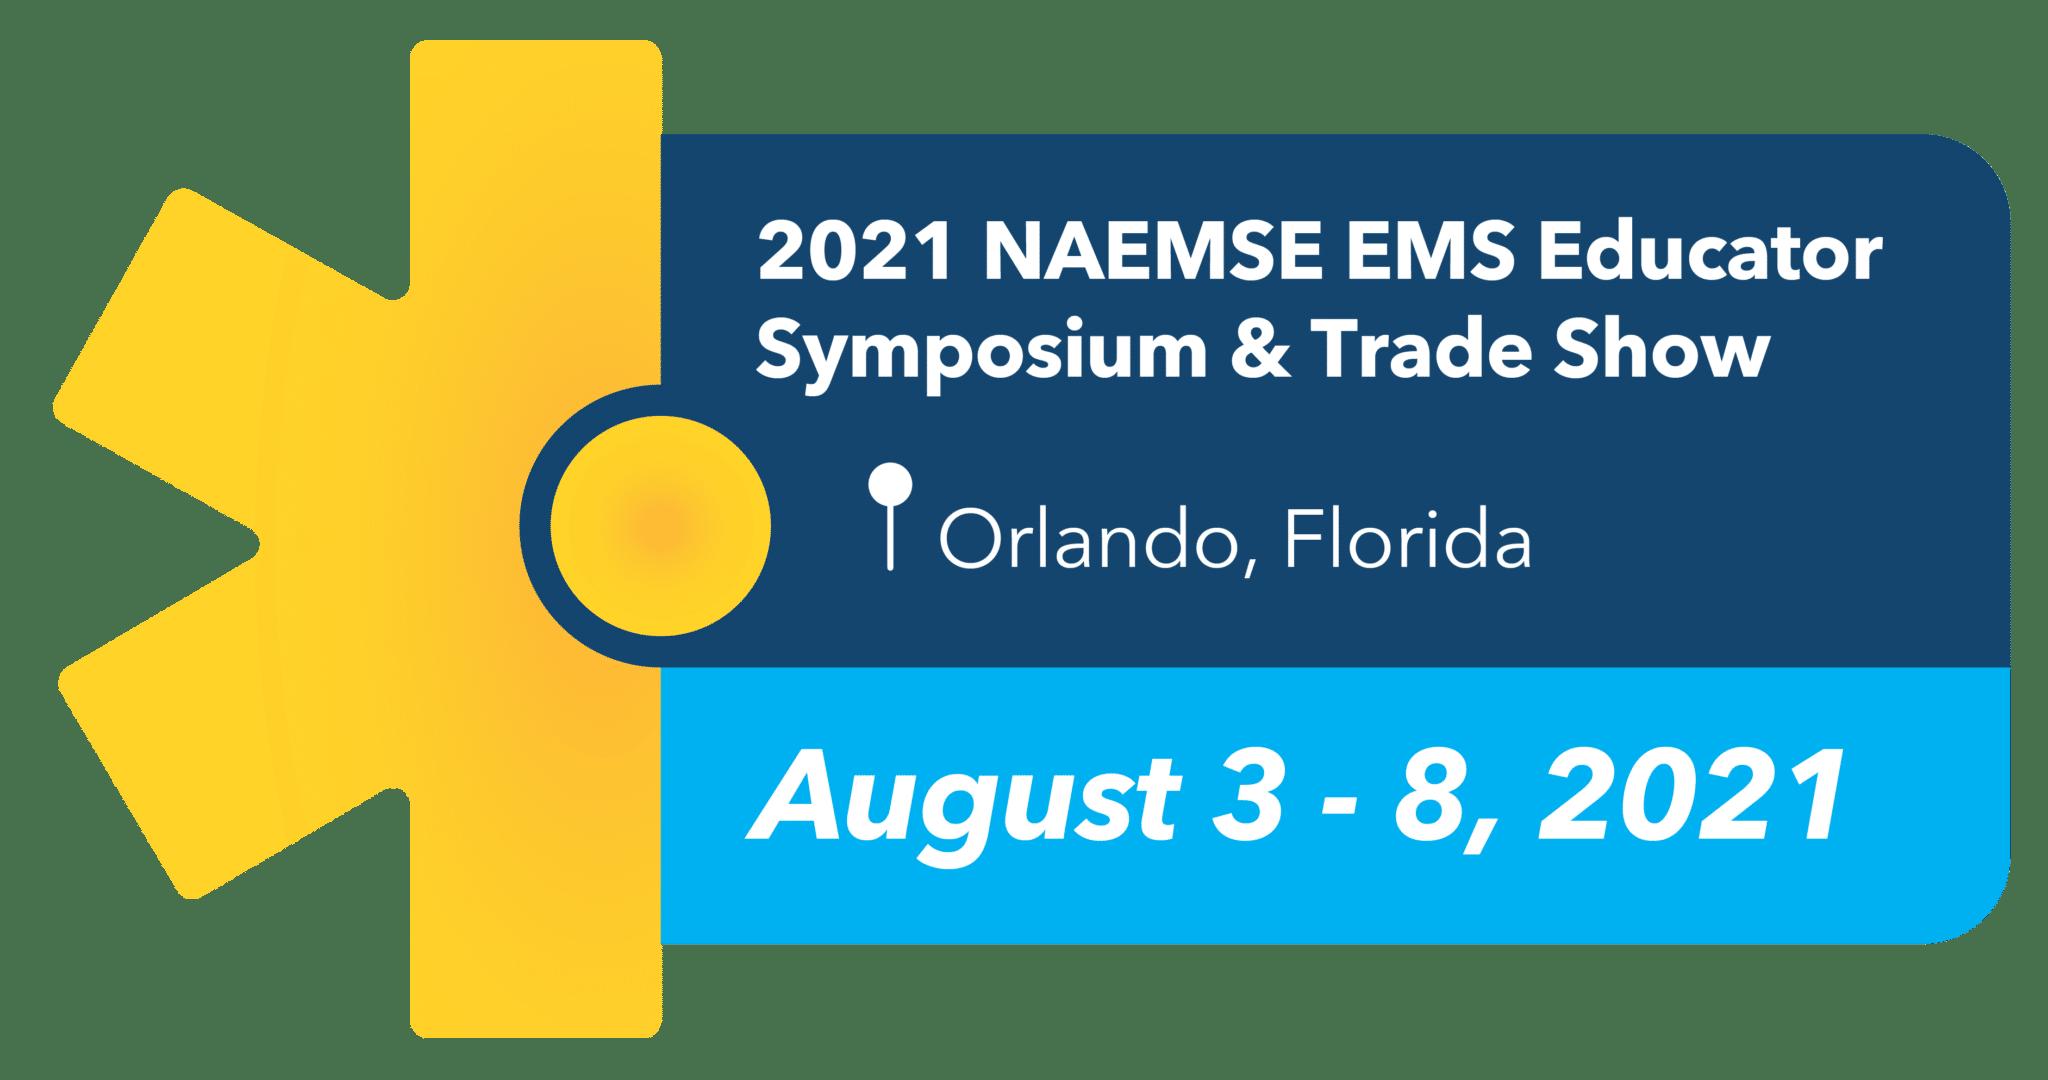 NAEMSE EMS Educator Symposium & Trade Show